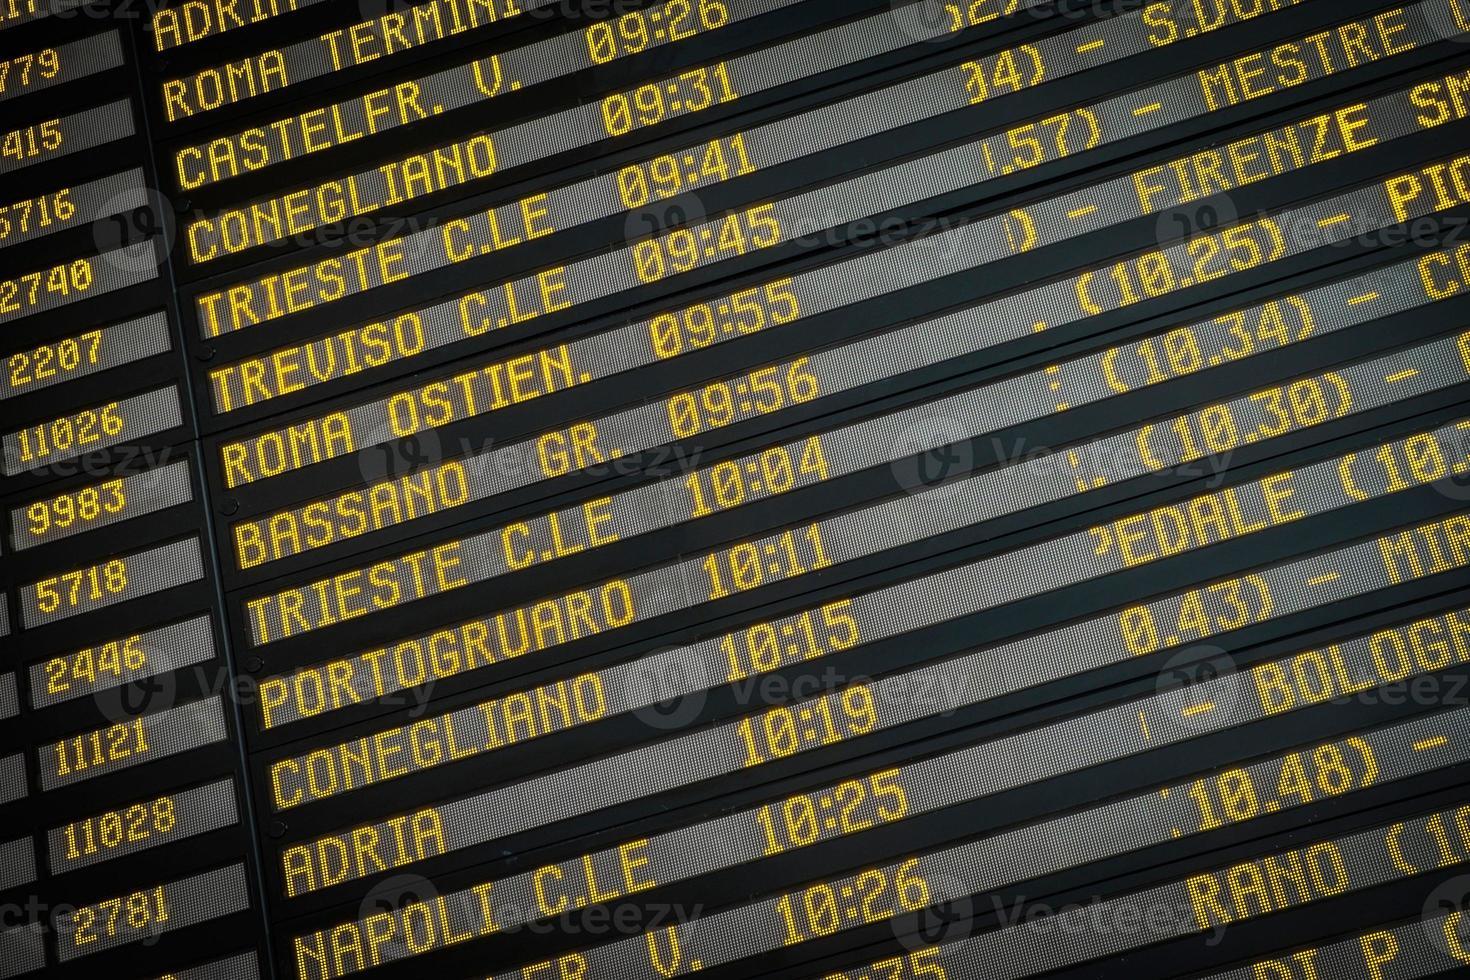 vertrekbord op het treinstation in Venetië, Italië foto